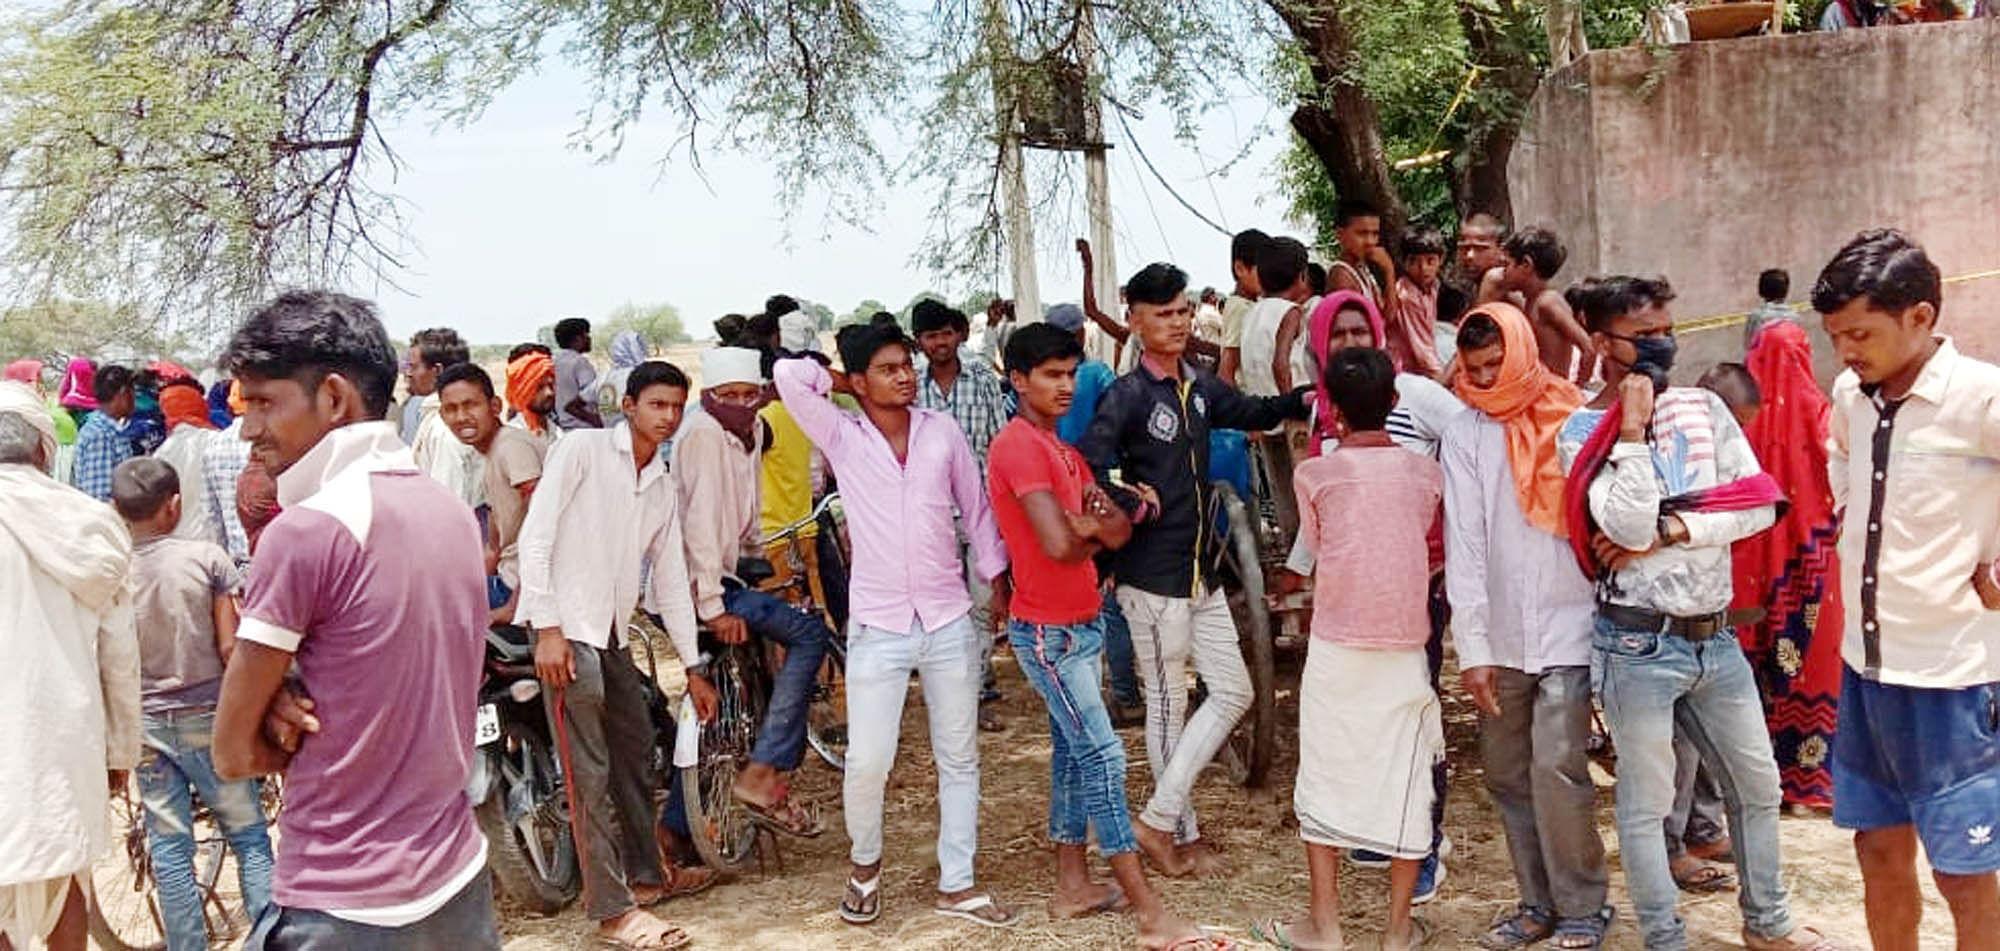 मंगलपुर गांव में घटना स्थल पर लगी ग्रामीणों की भीड़।